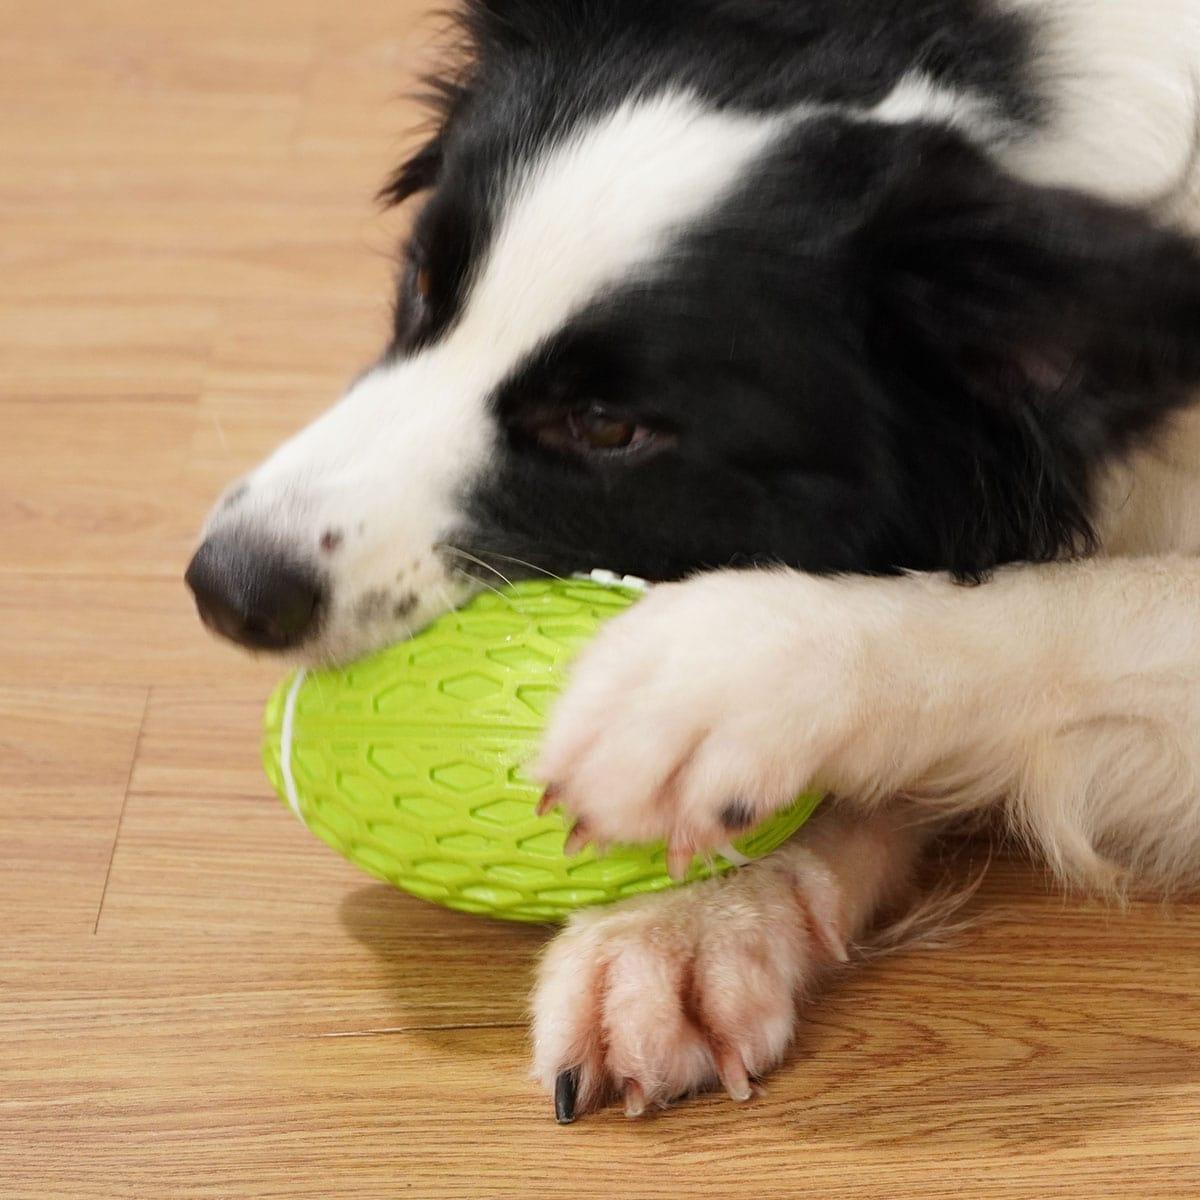 Klangspielzeug in Rugbyform für Hunde